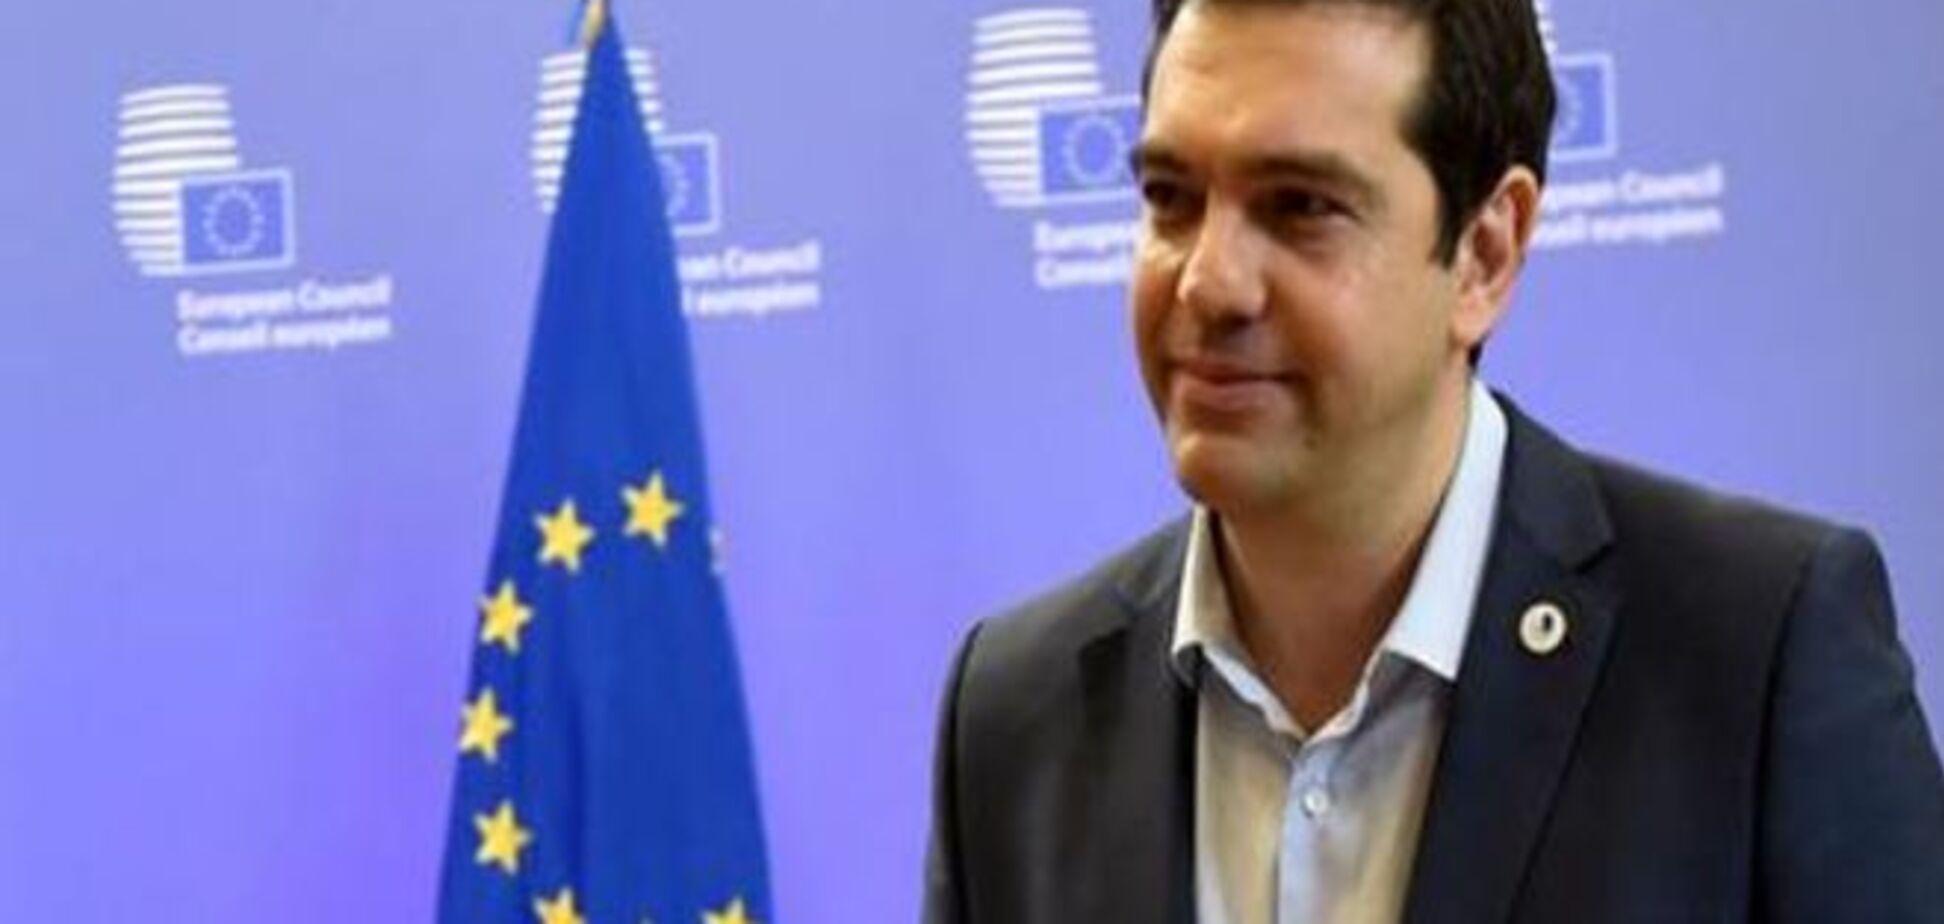 Коментар: Кінець грецького популізму